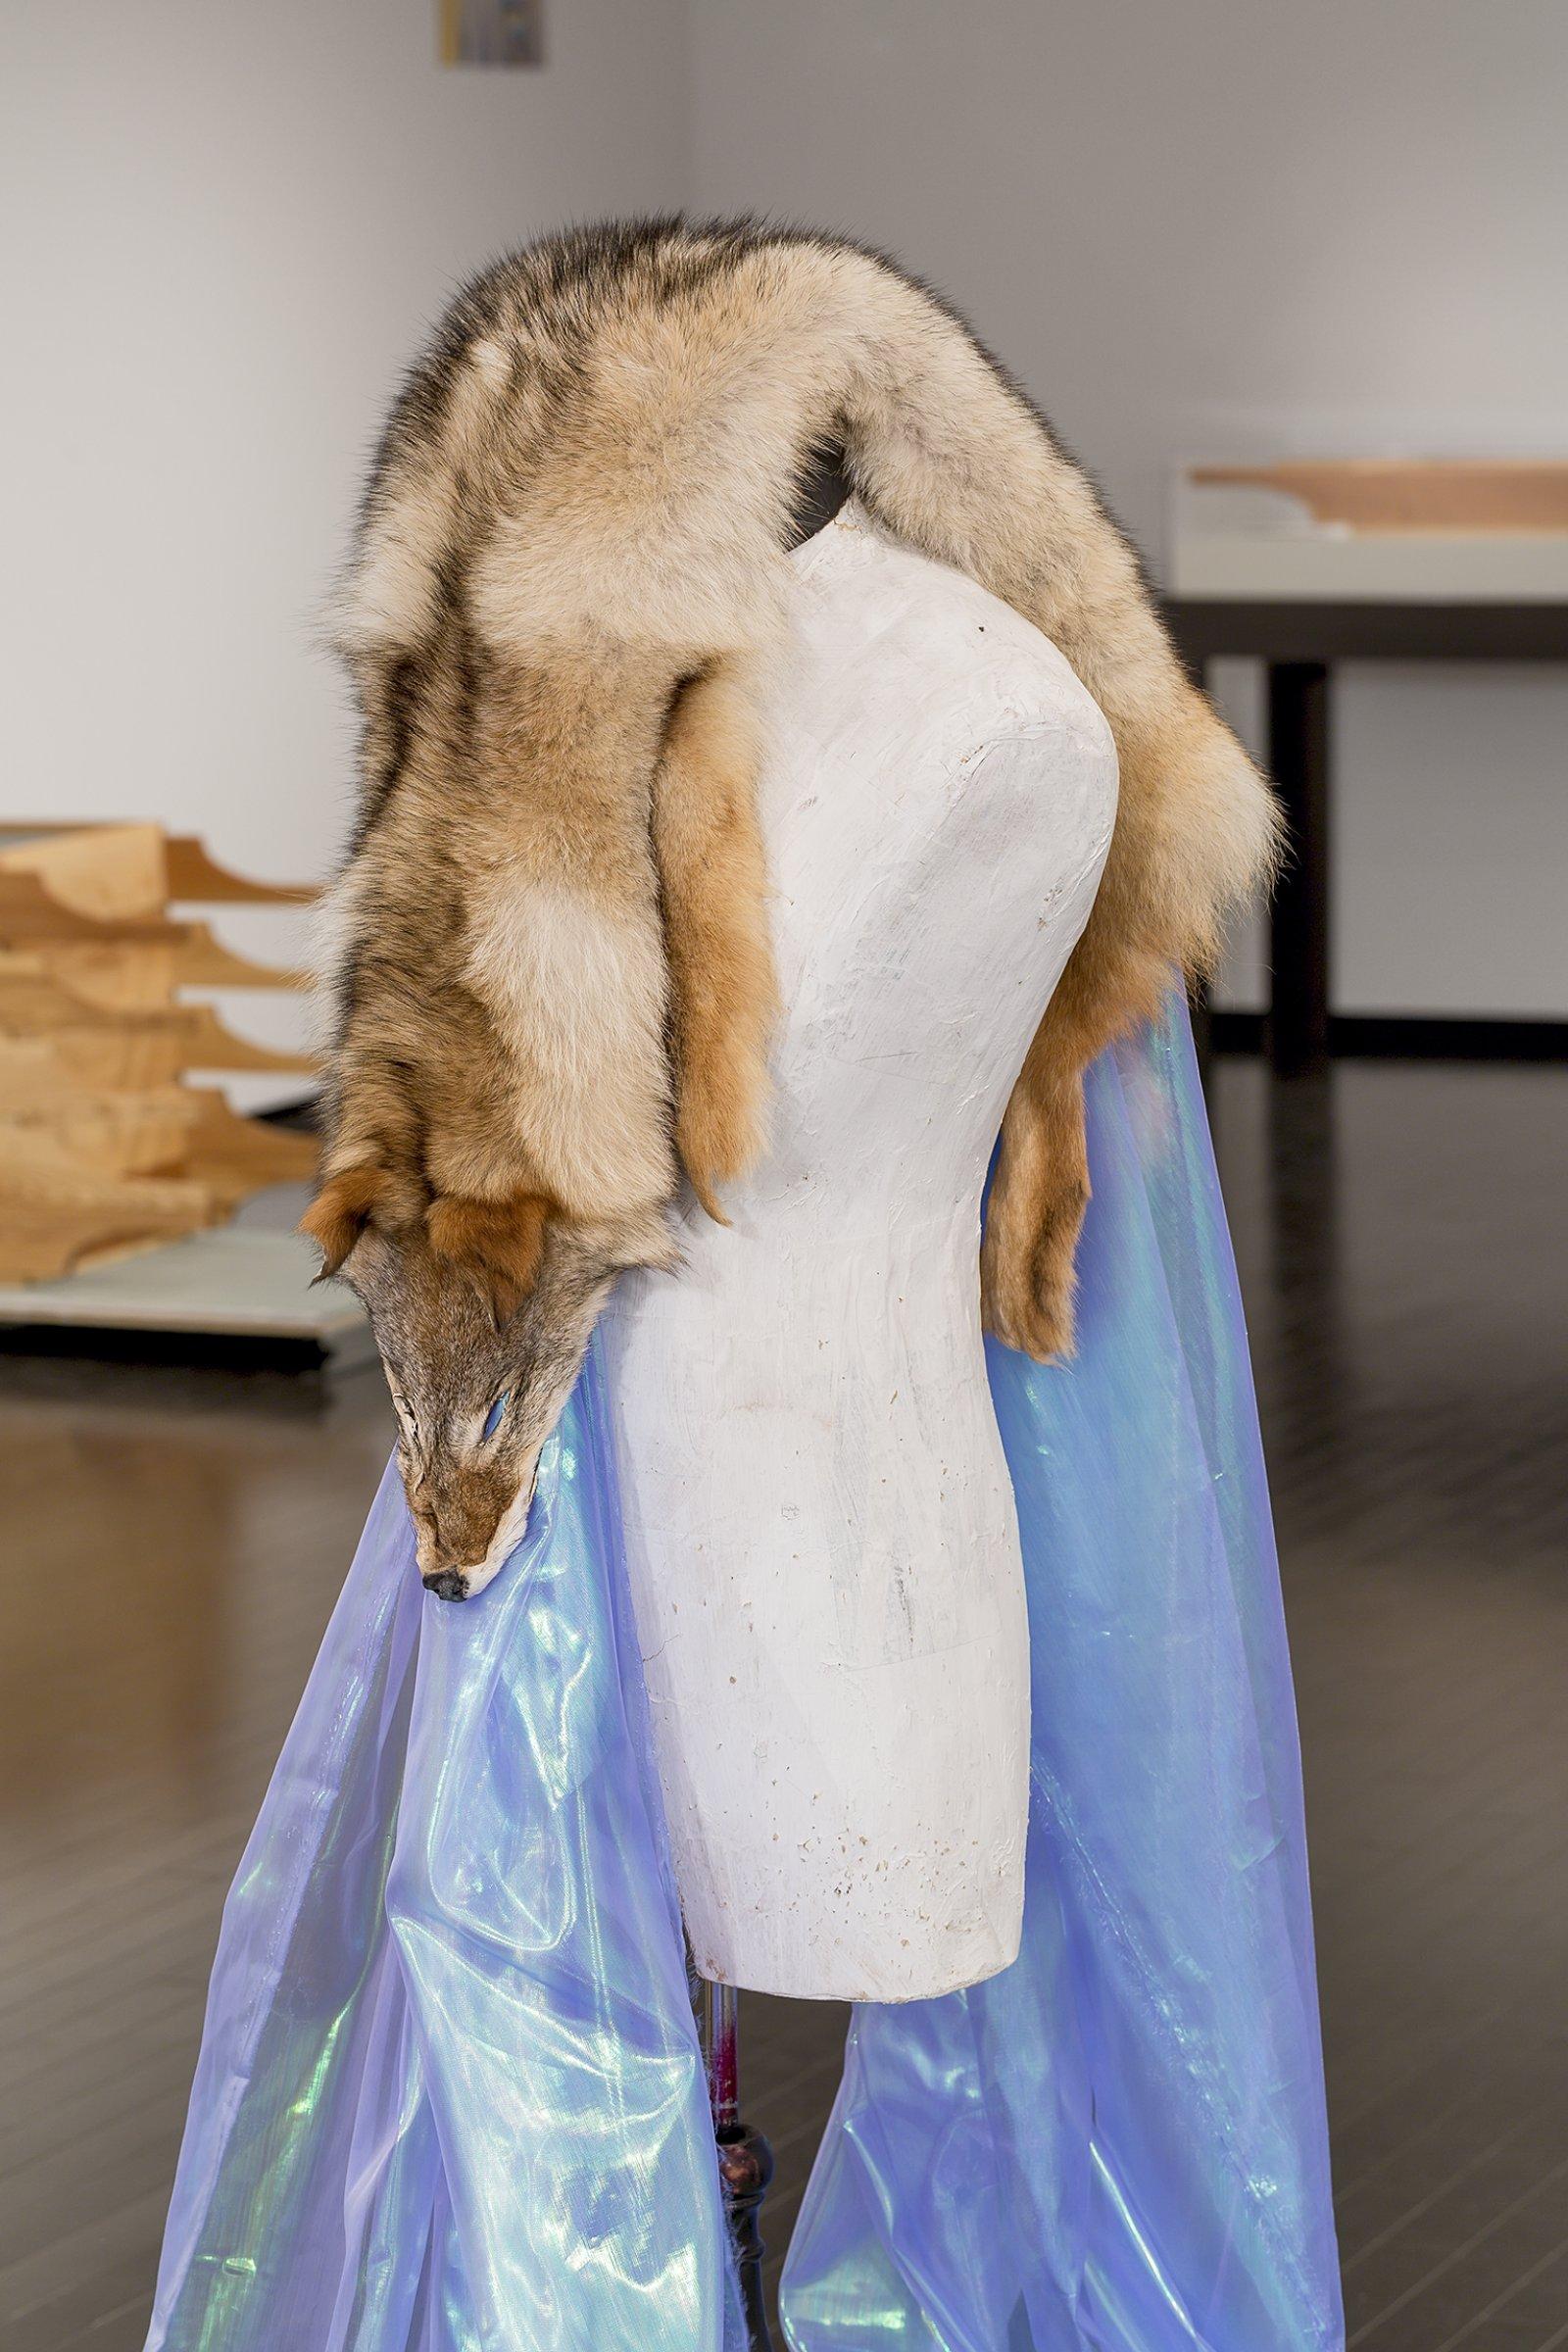 Duane Linklater,Beast of Burden(detail), 2016, coyote fur, dress form, gypsum, steel, wood, dimensions variable